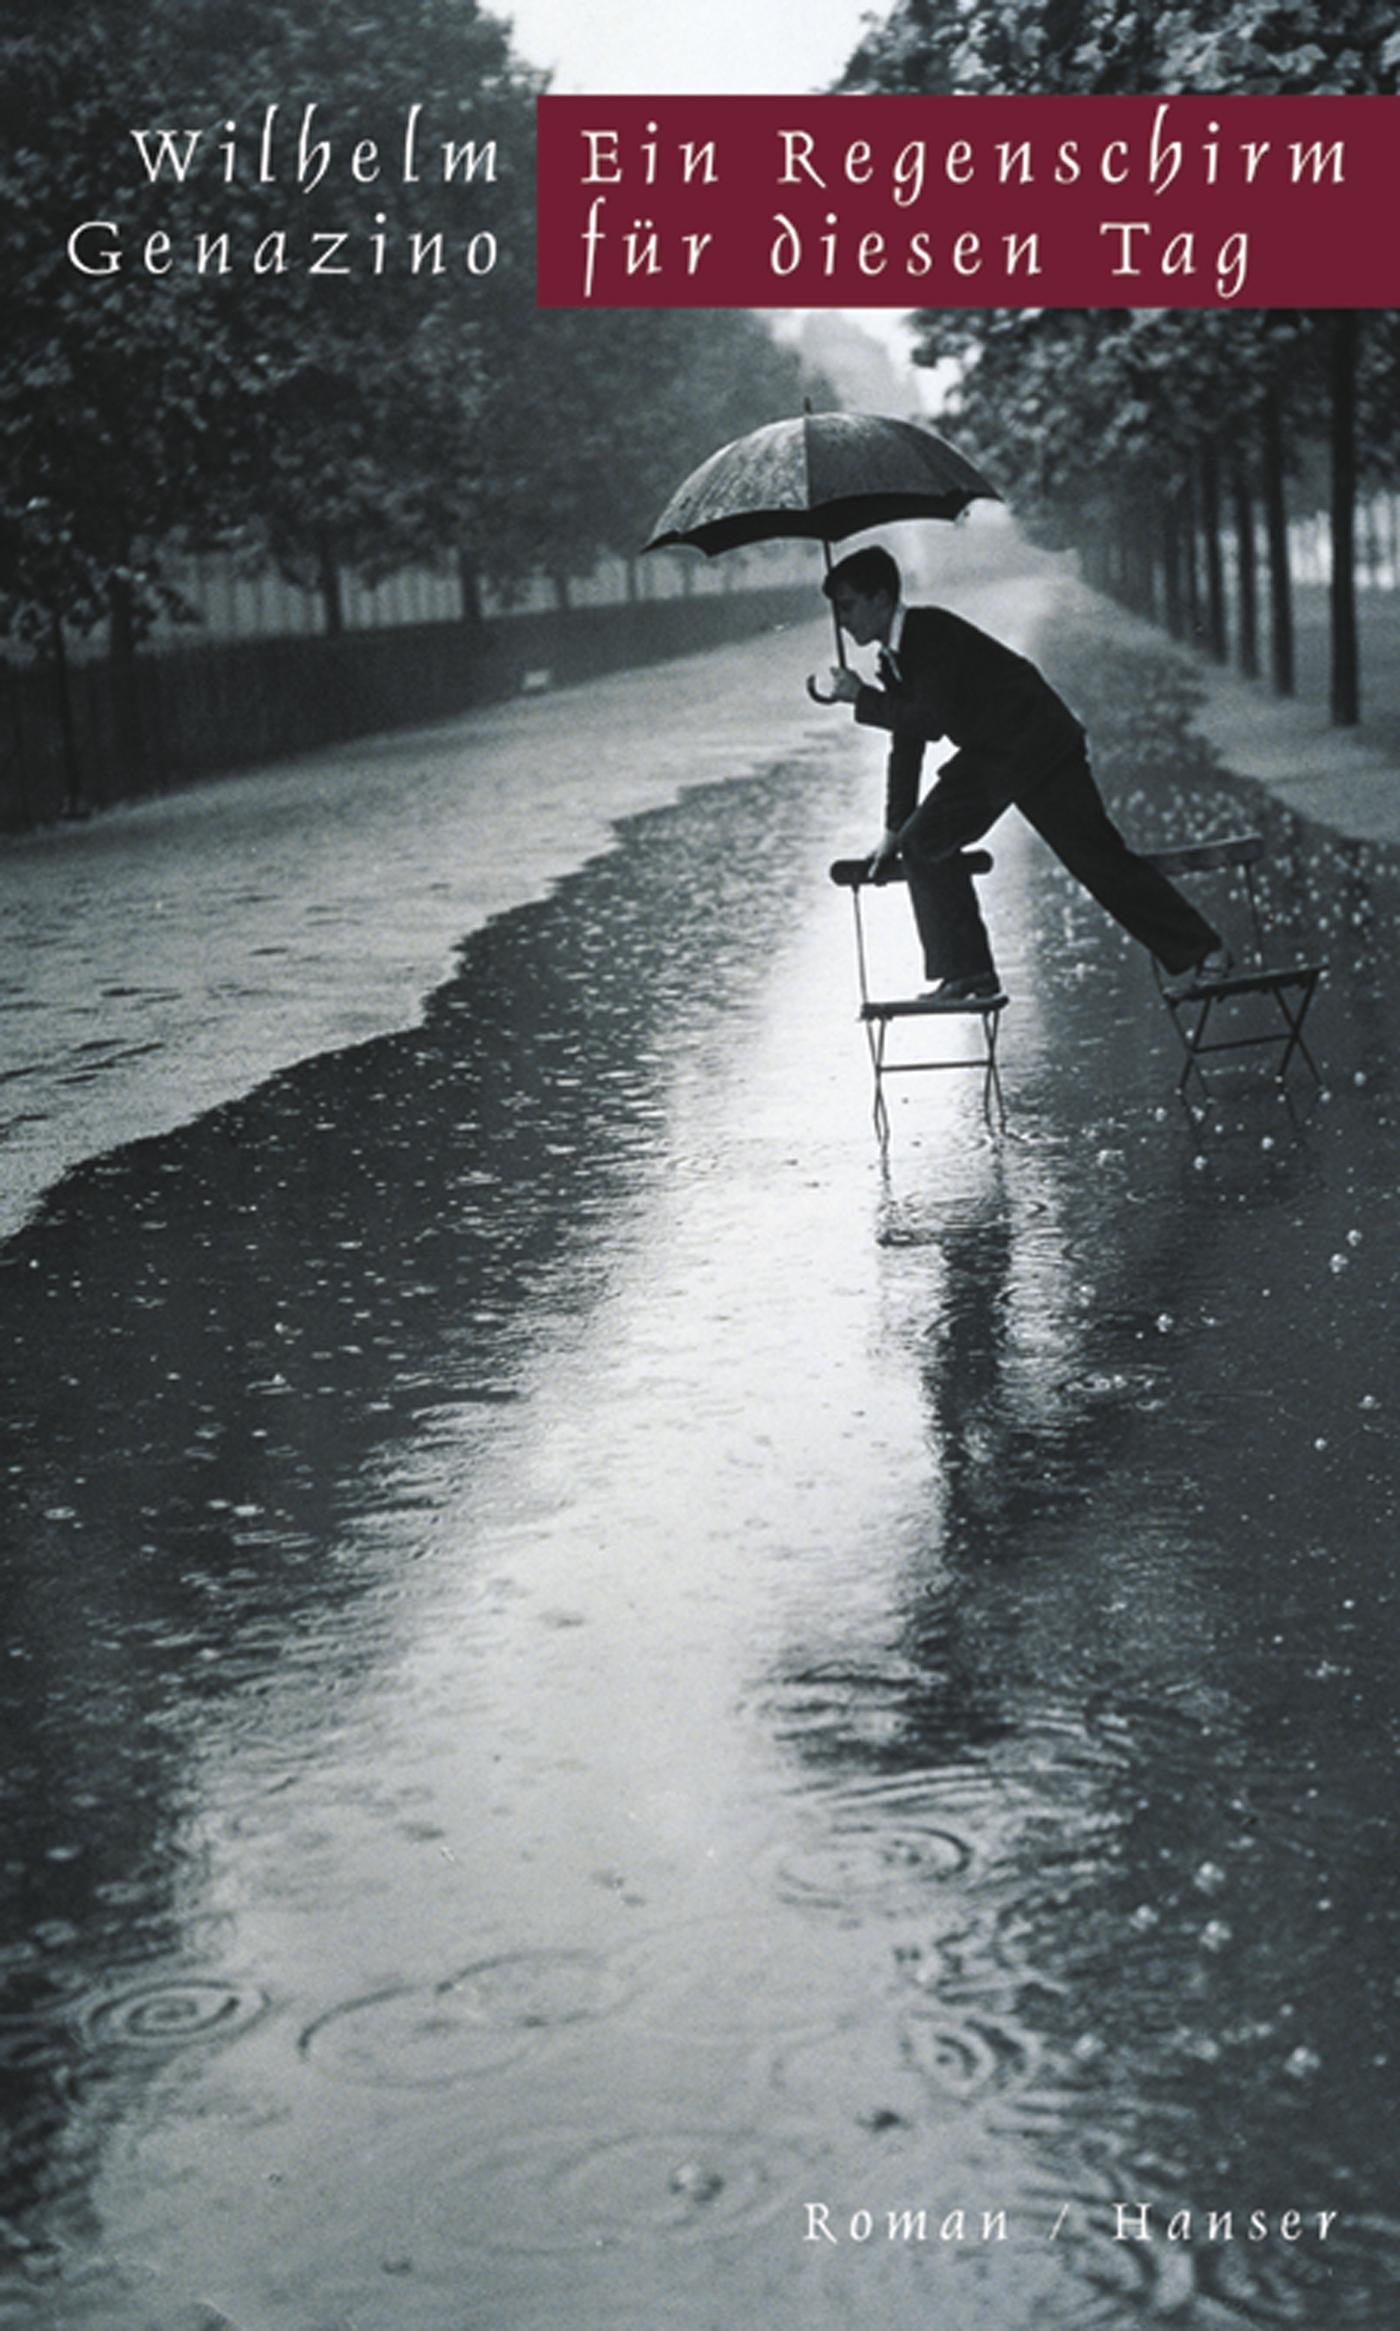 Ein Regenschirm für diesen Tag - Wilhelm Genazino